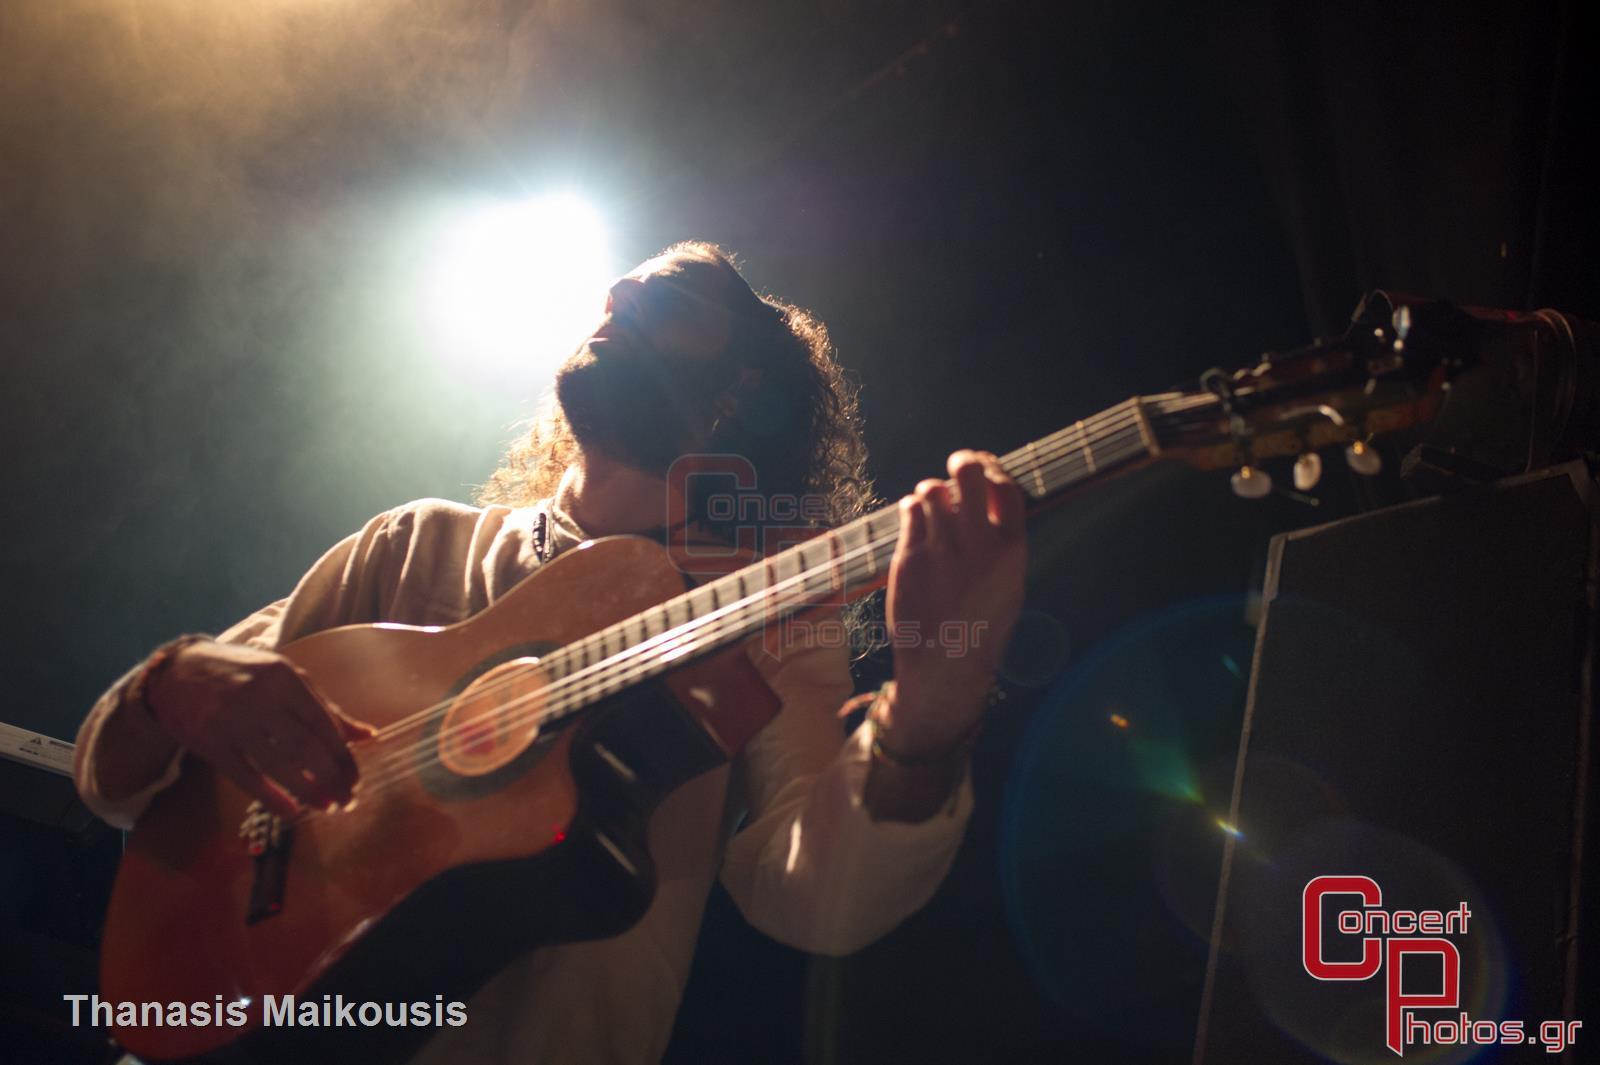 Dub Inc-Dub Inc photographer: Thanasis Maikousis - concertphotos_-5171